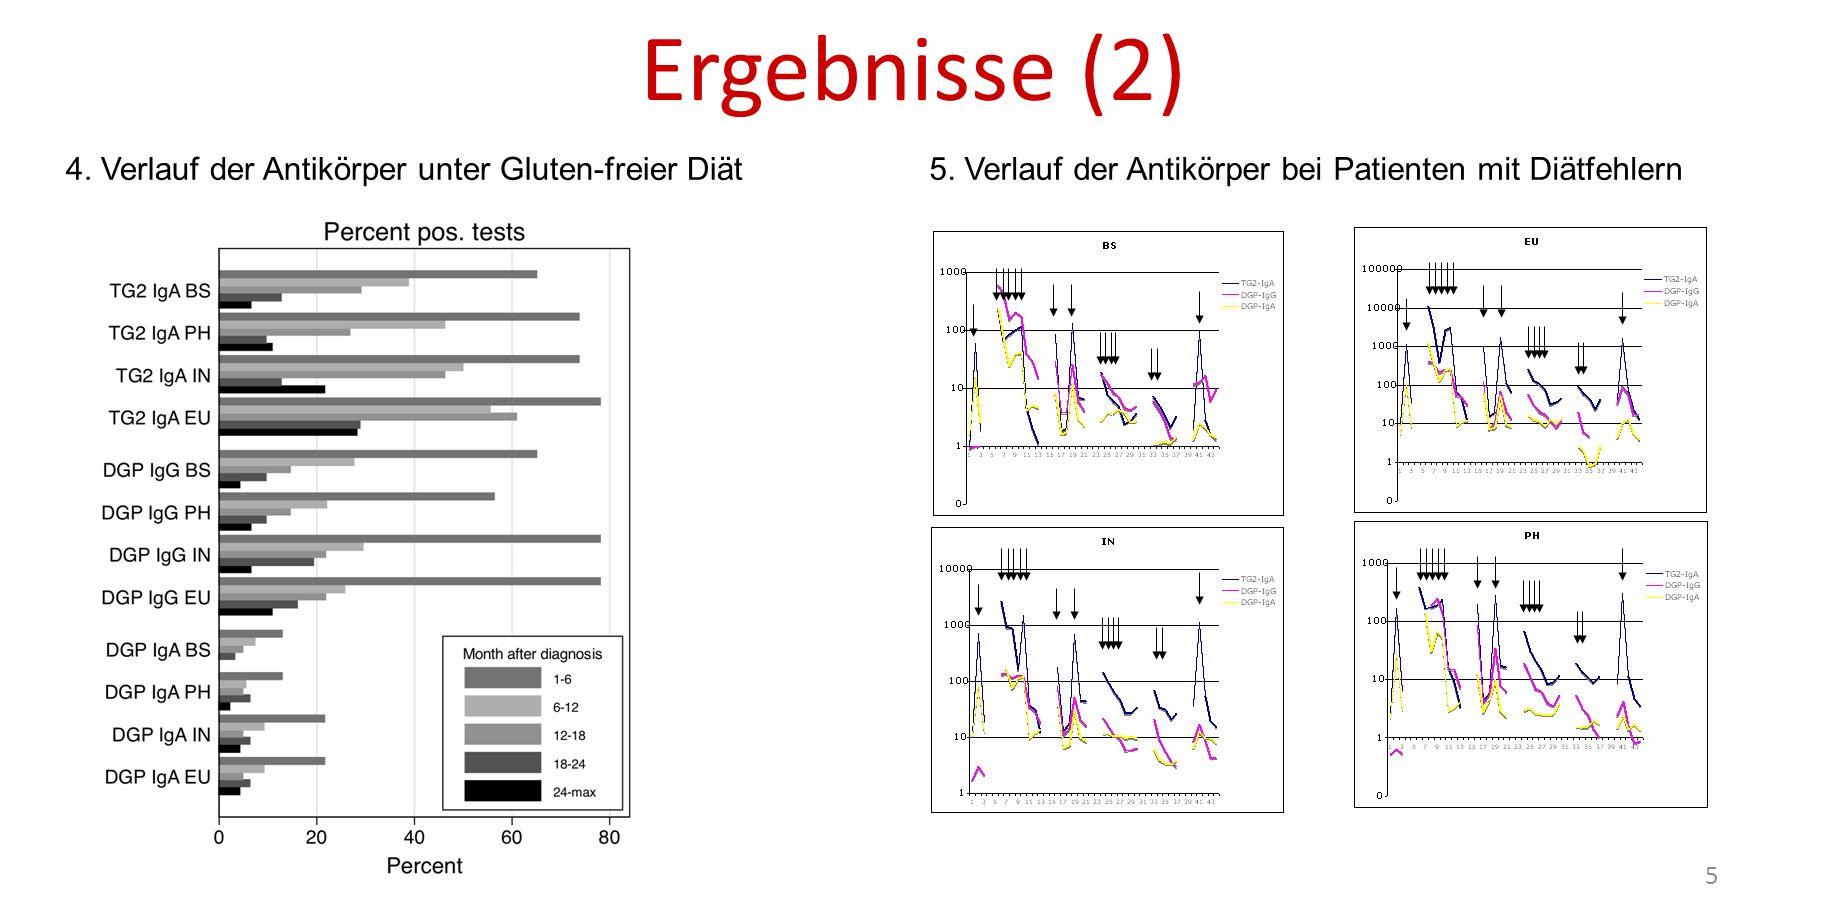 Ergebnisse (2) 5 4. Verlauf der Antikörper unter Gluten-freier Diät5. Verlauf der Antikörper bei Patienten mit Diätfehlern